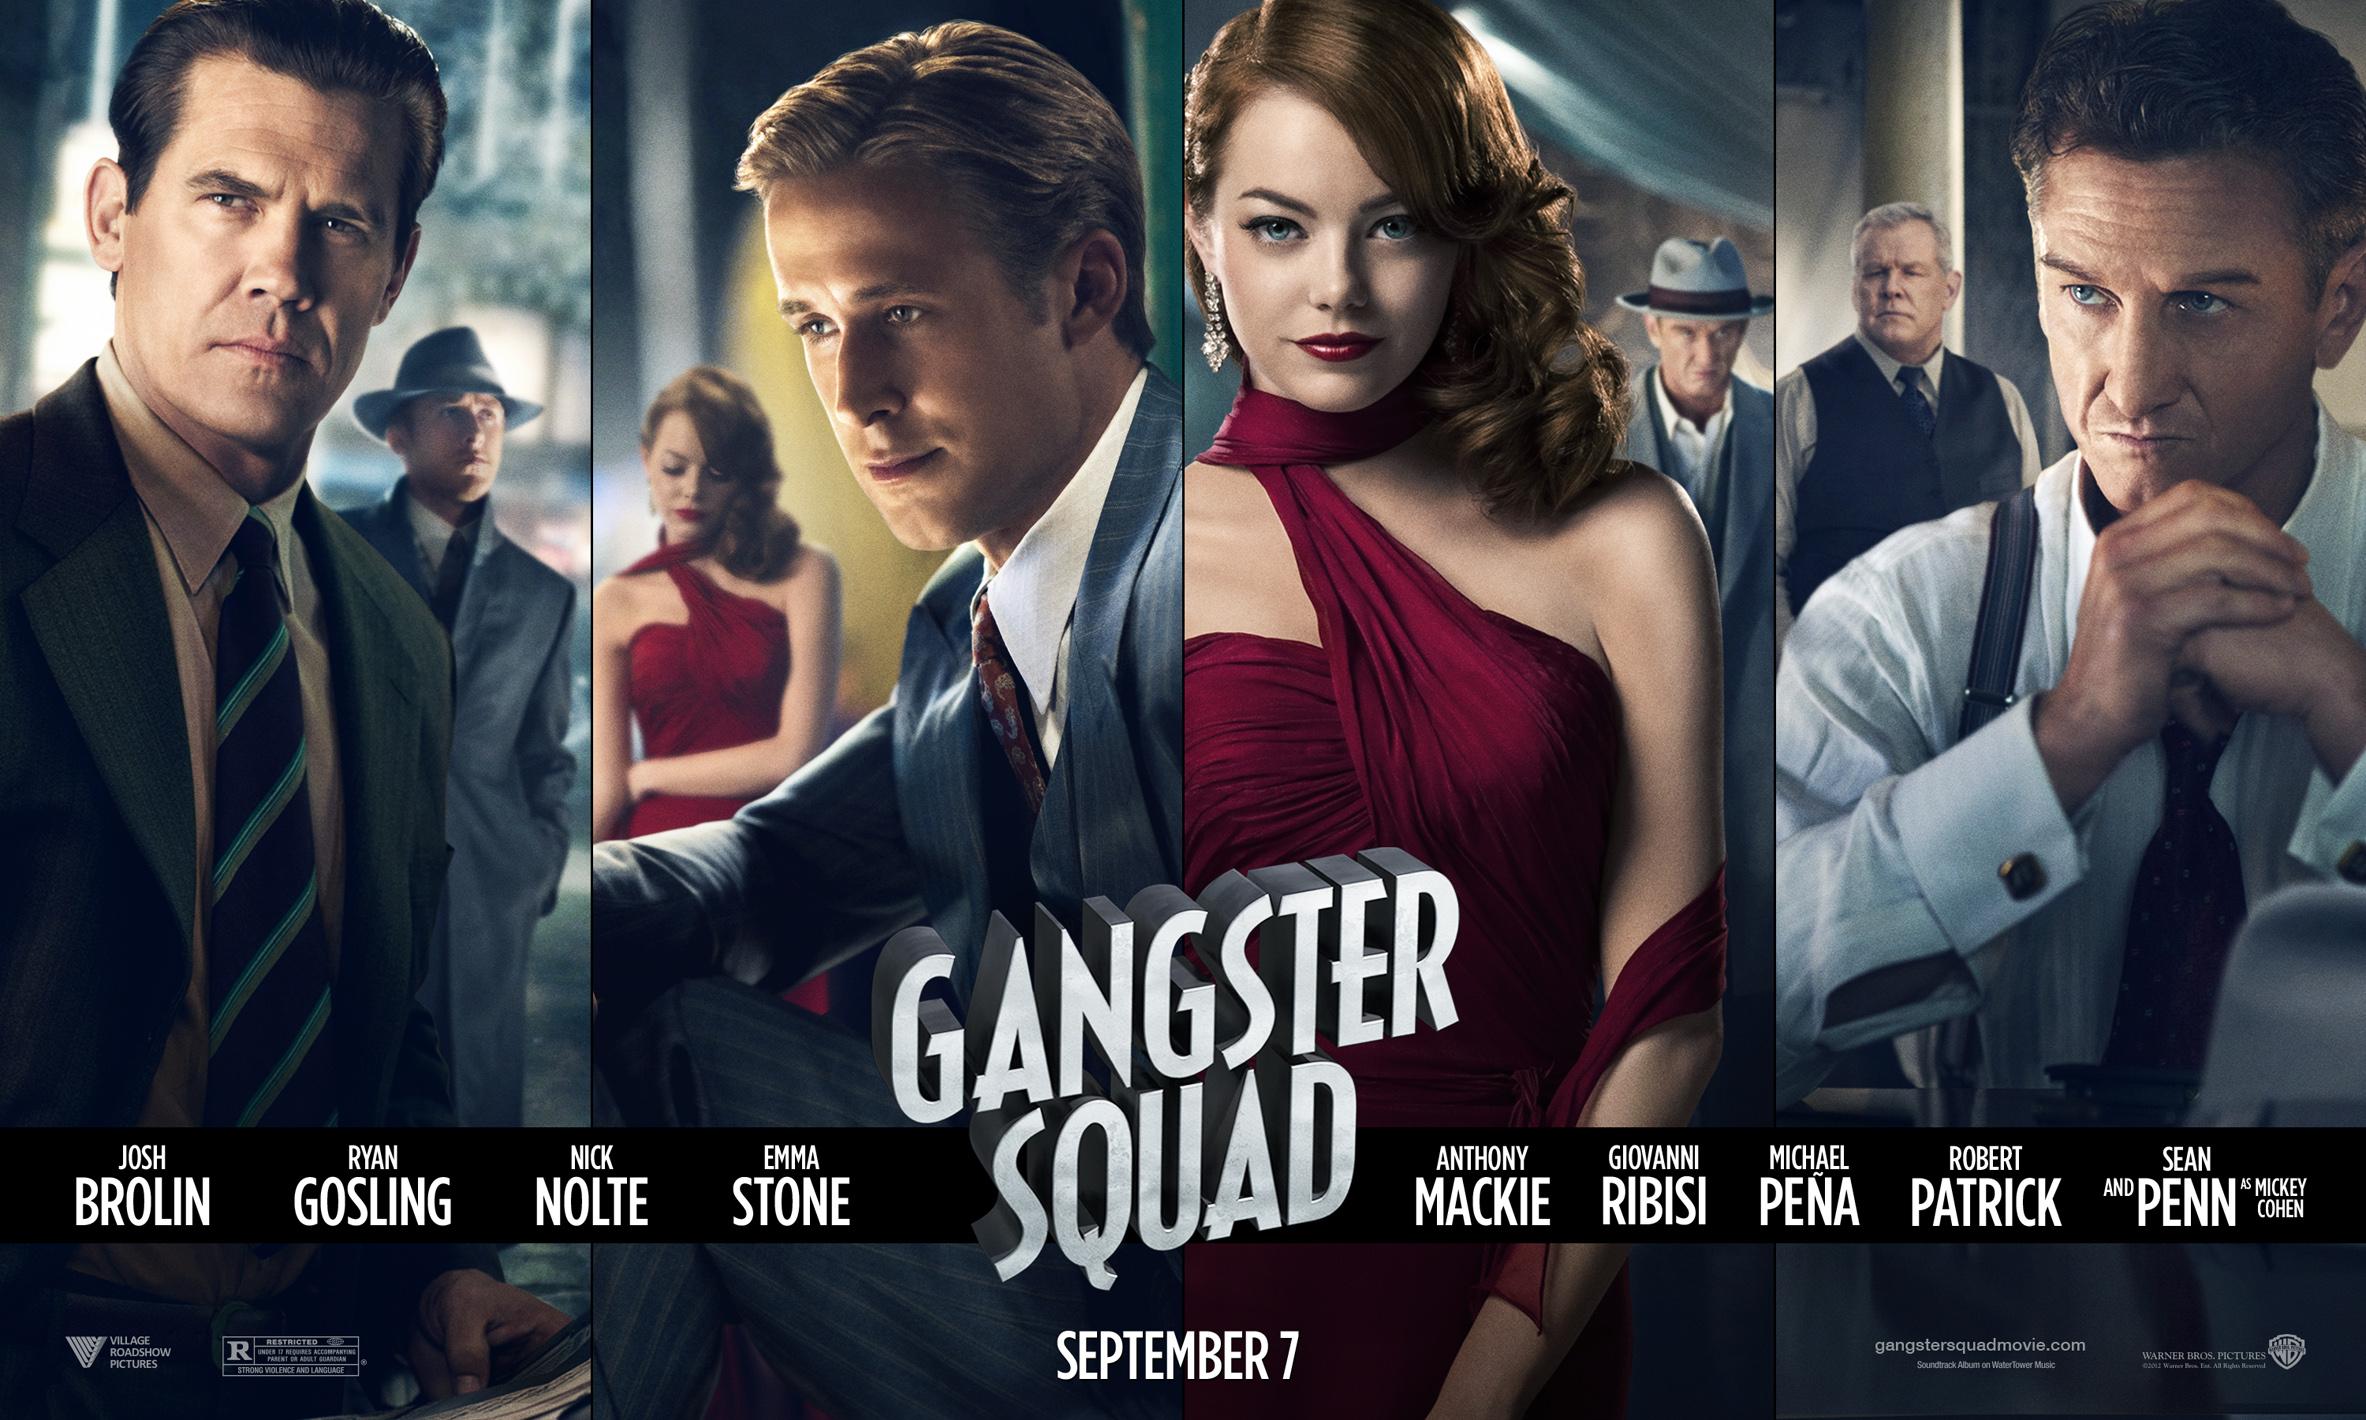 http://collider.com/wp-content/uploads/gangster-squad-poster-banner.jpg